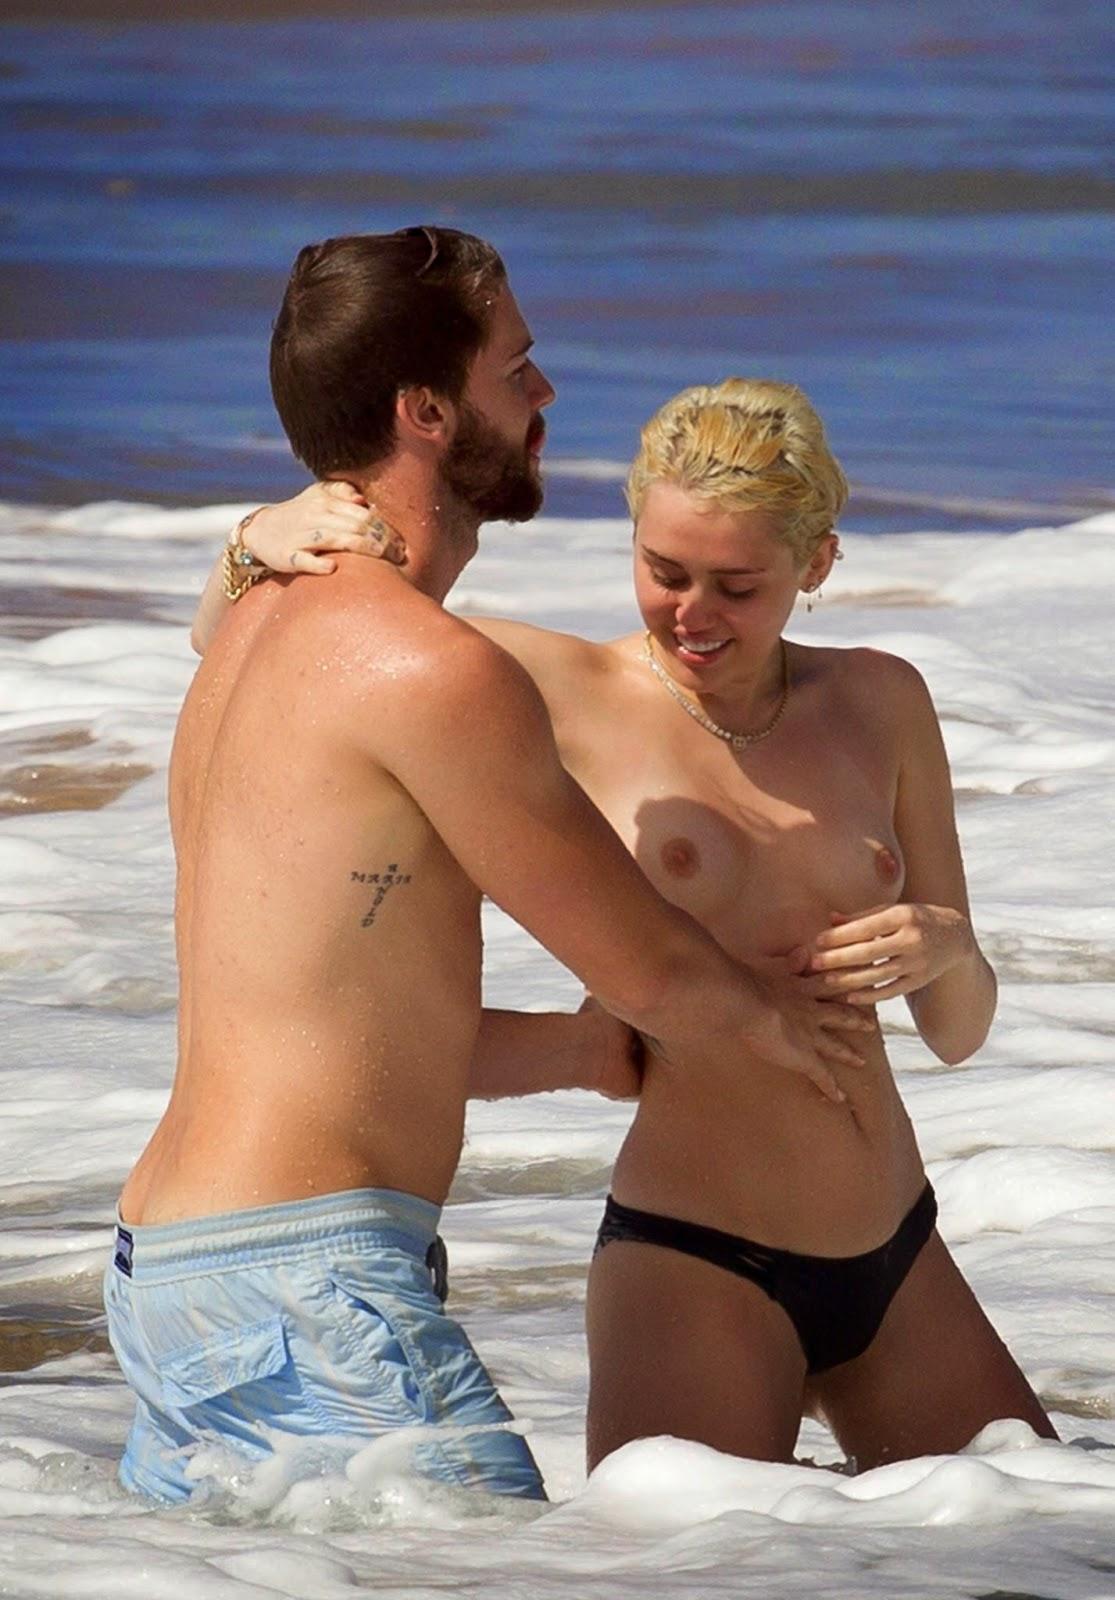 Miley Cyrus leaked nude